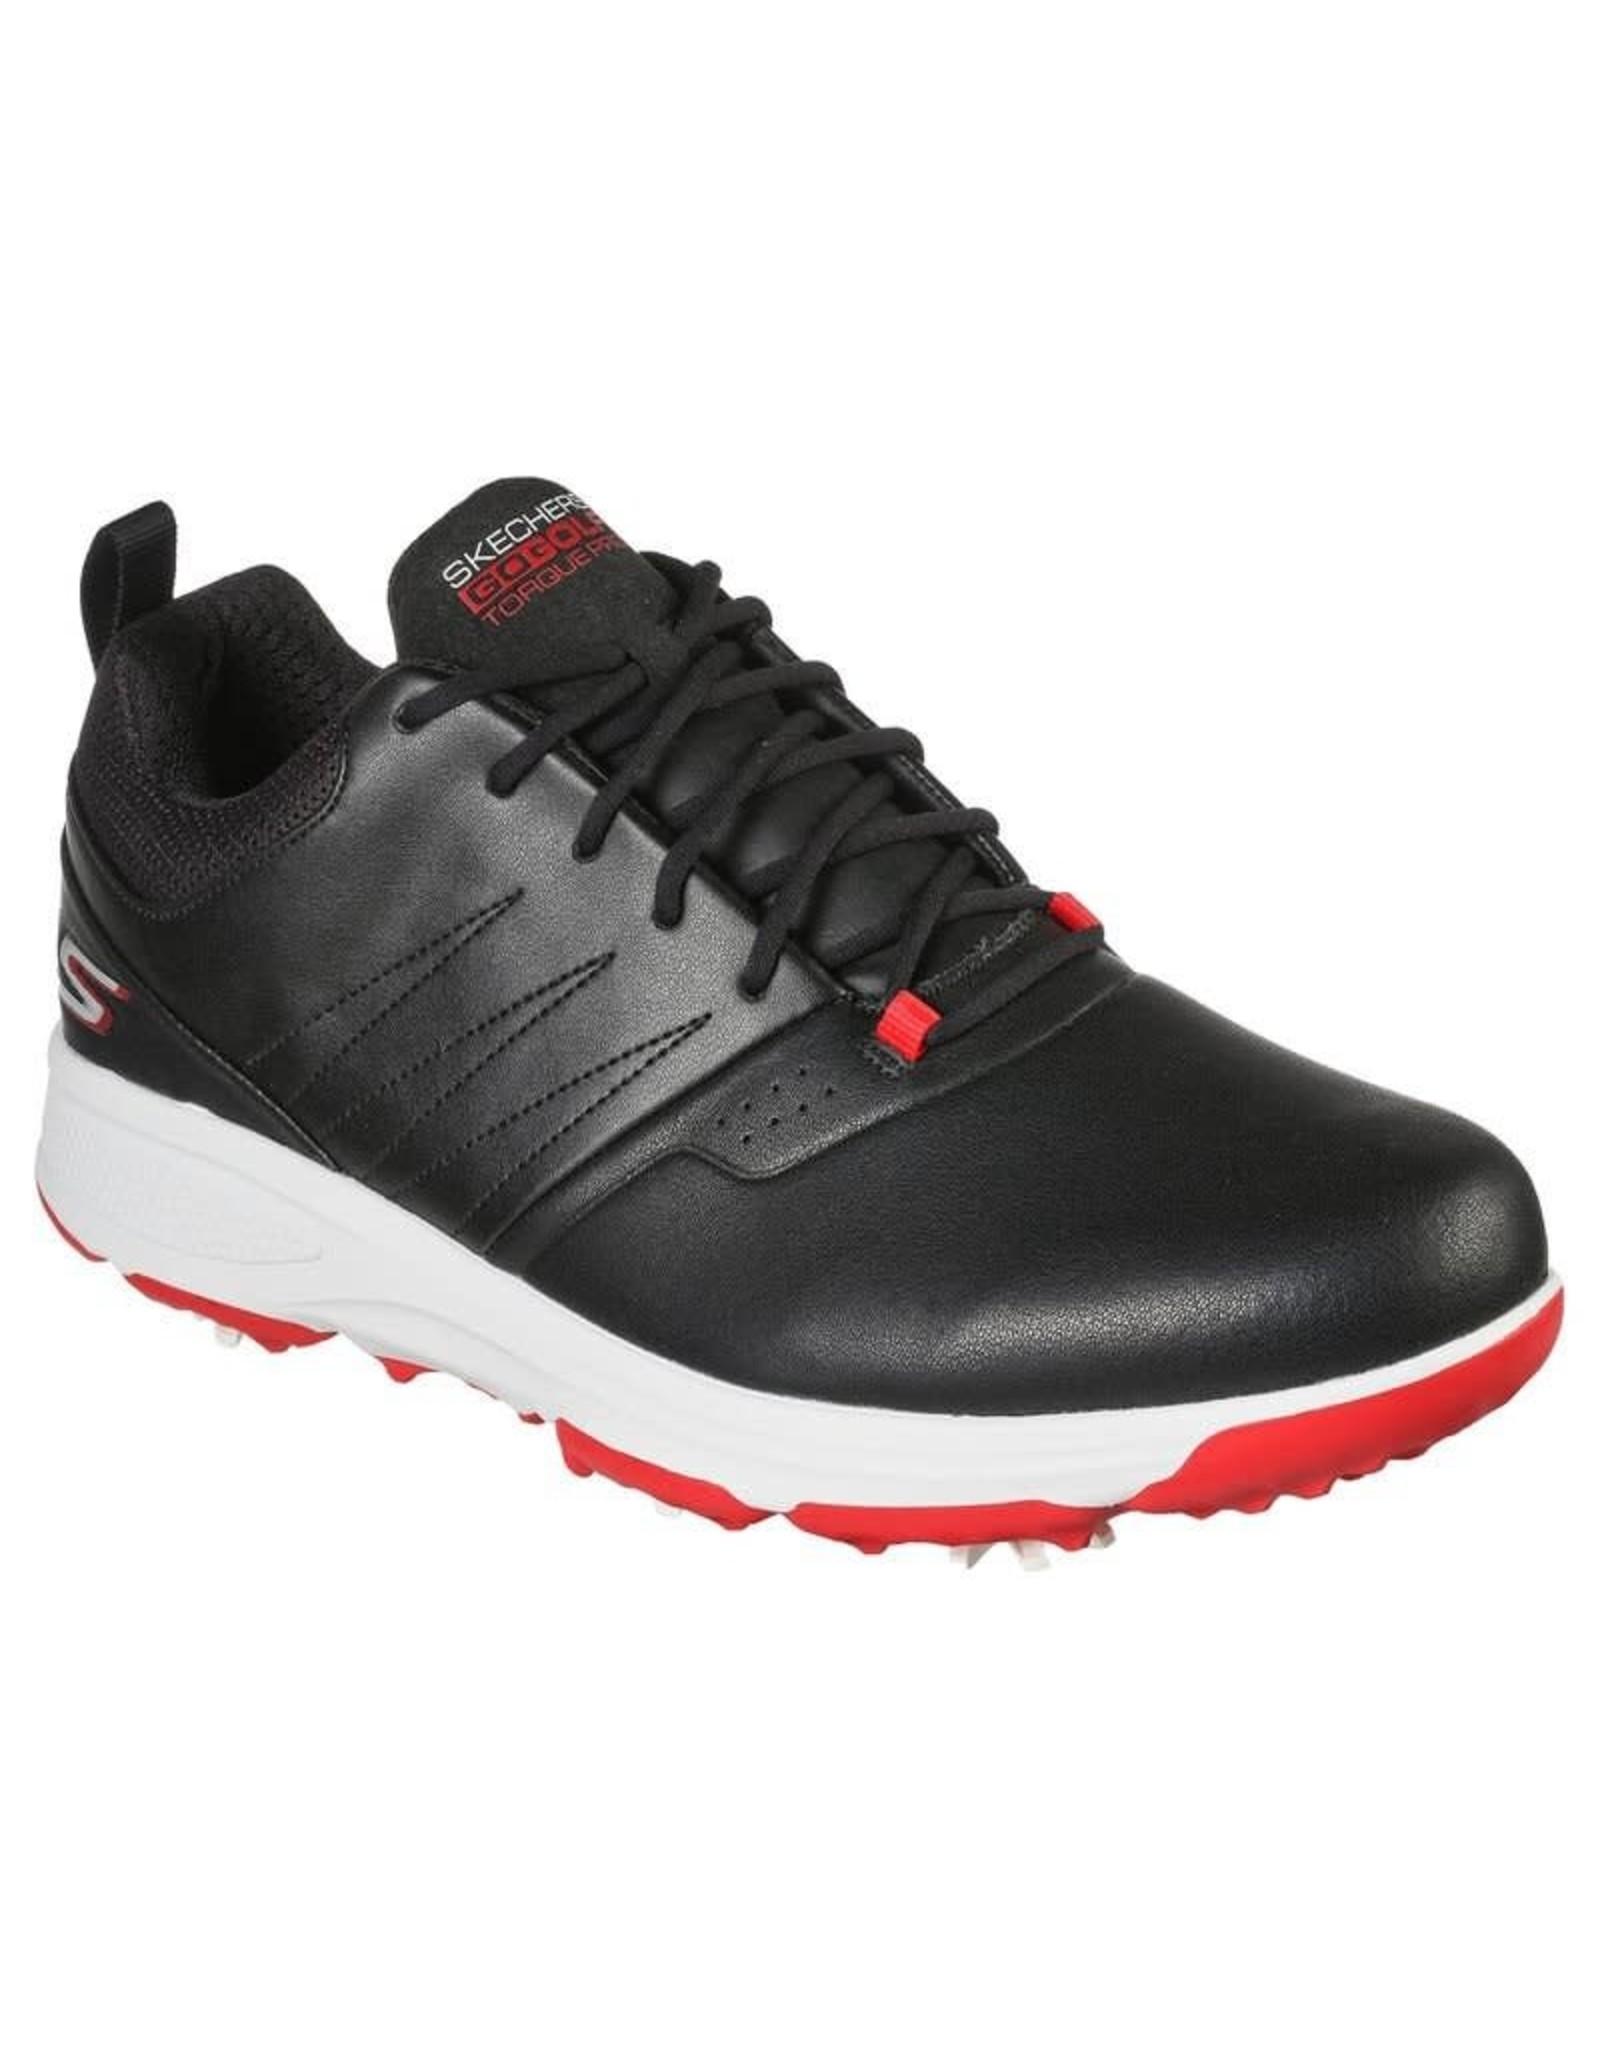 Skechers Skechers Go Golf Torque Men's Shoes